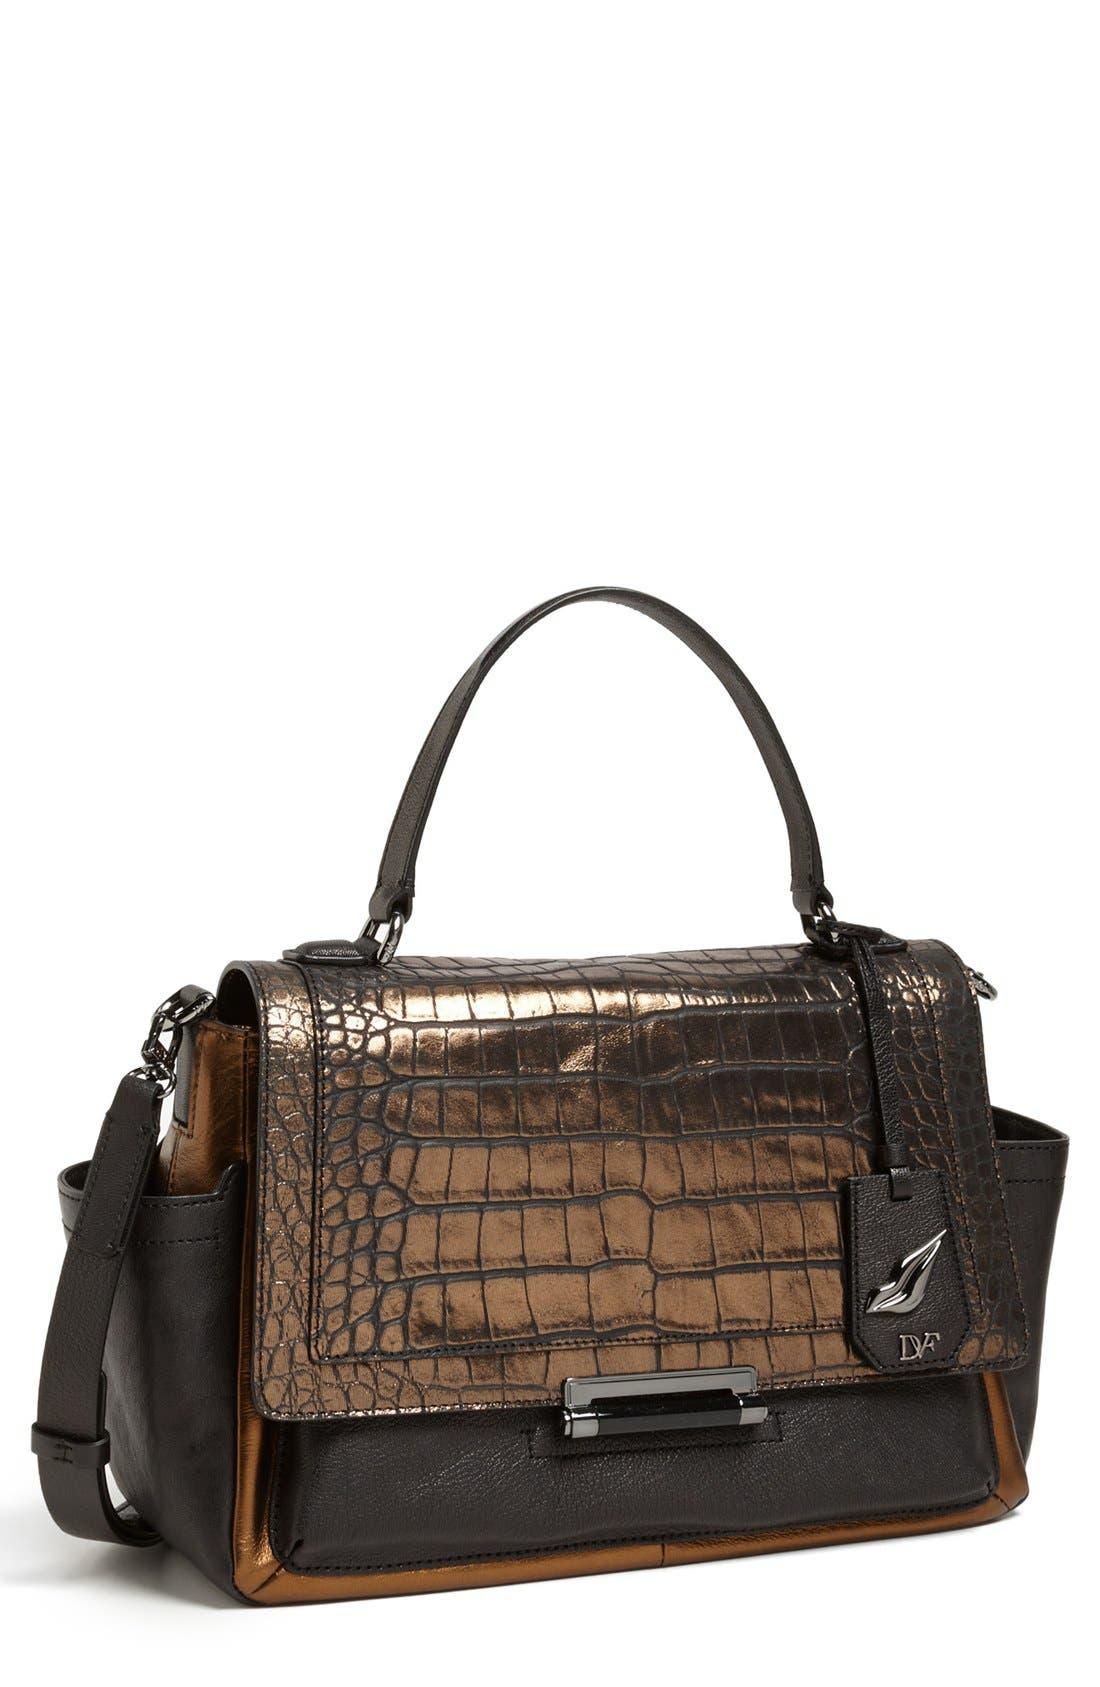 Alternate Image 1 Selected - Diane von Furstenberg 'Highline Courier' Leather Satchel